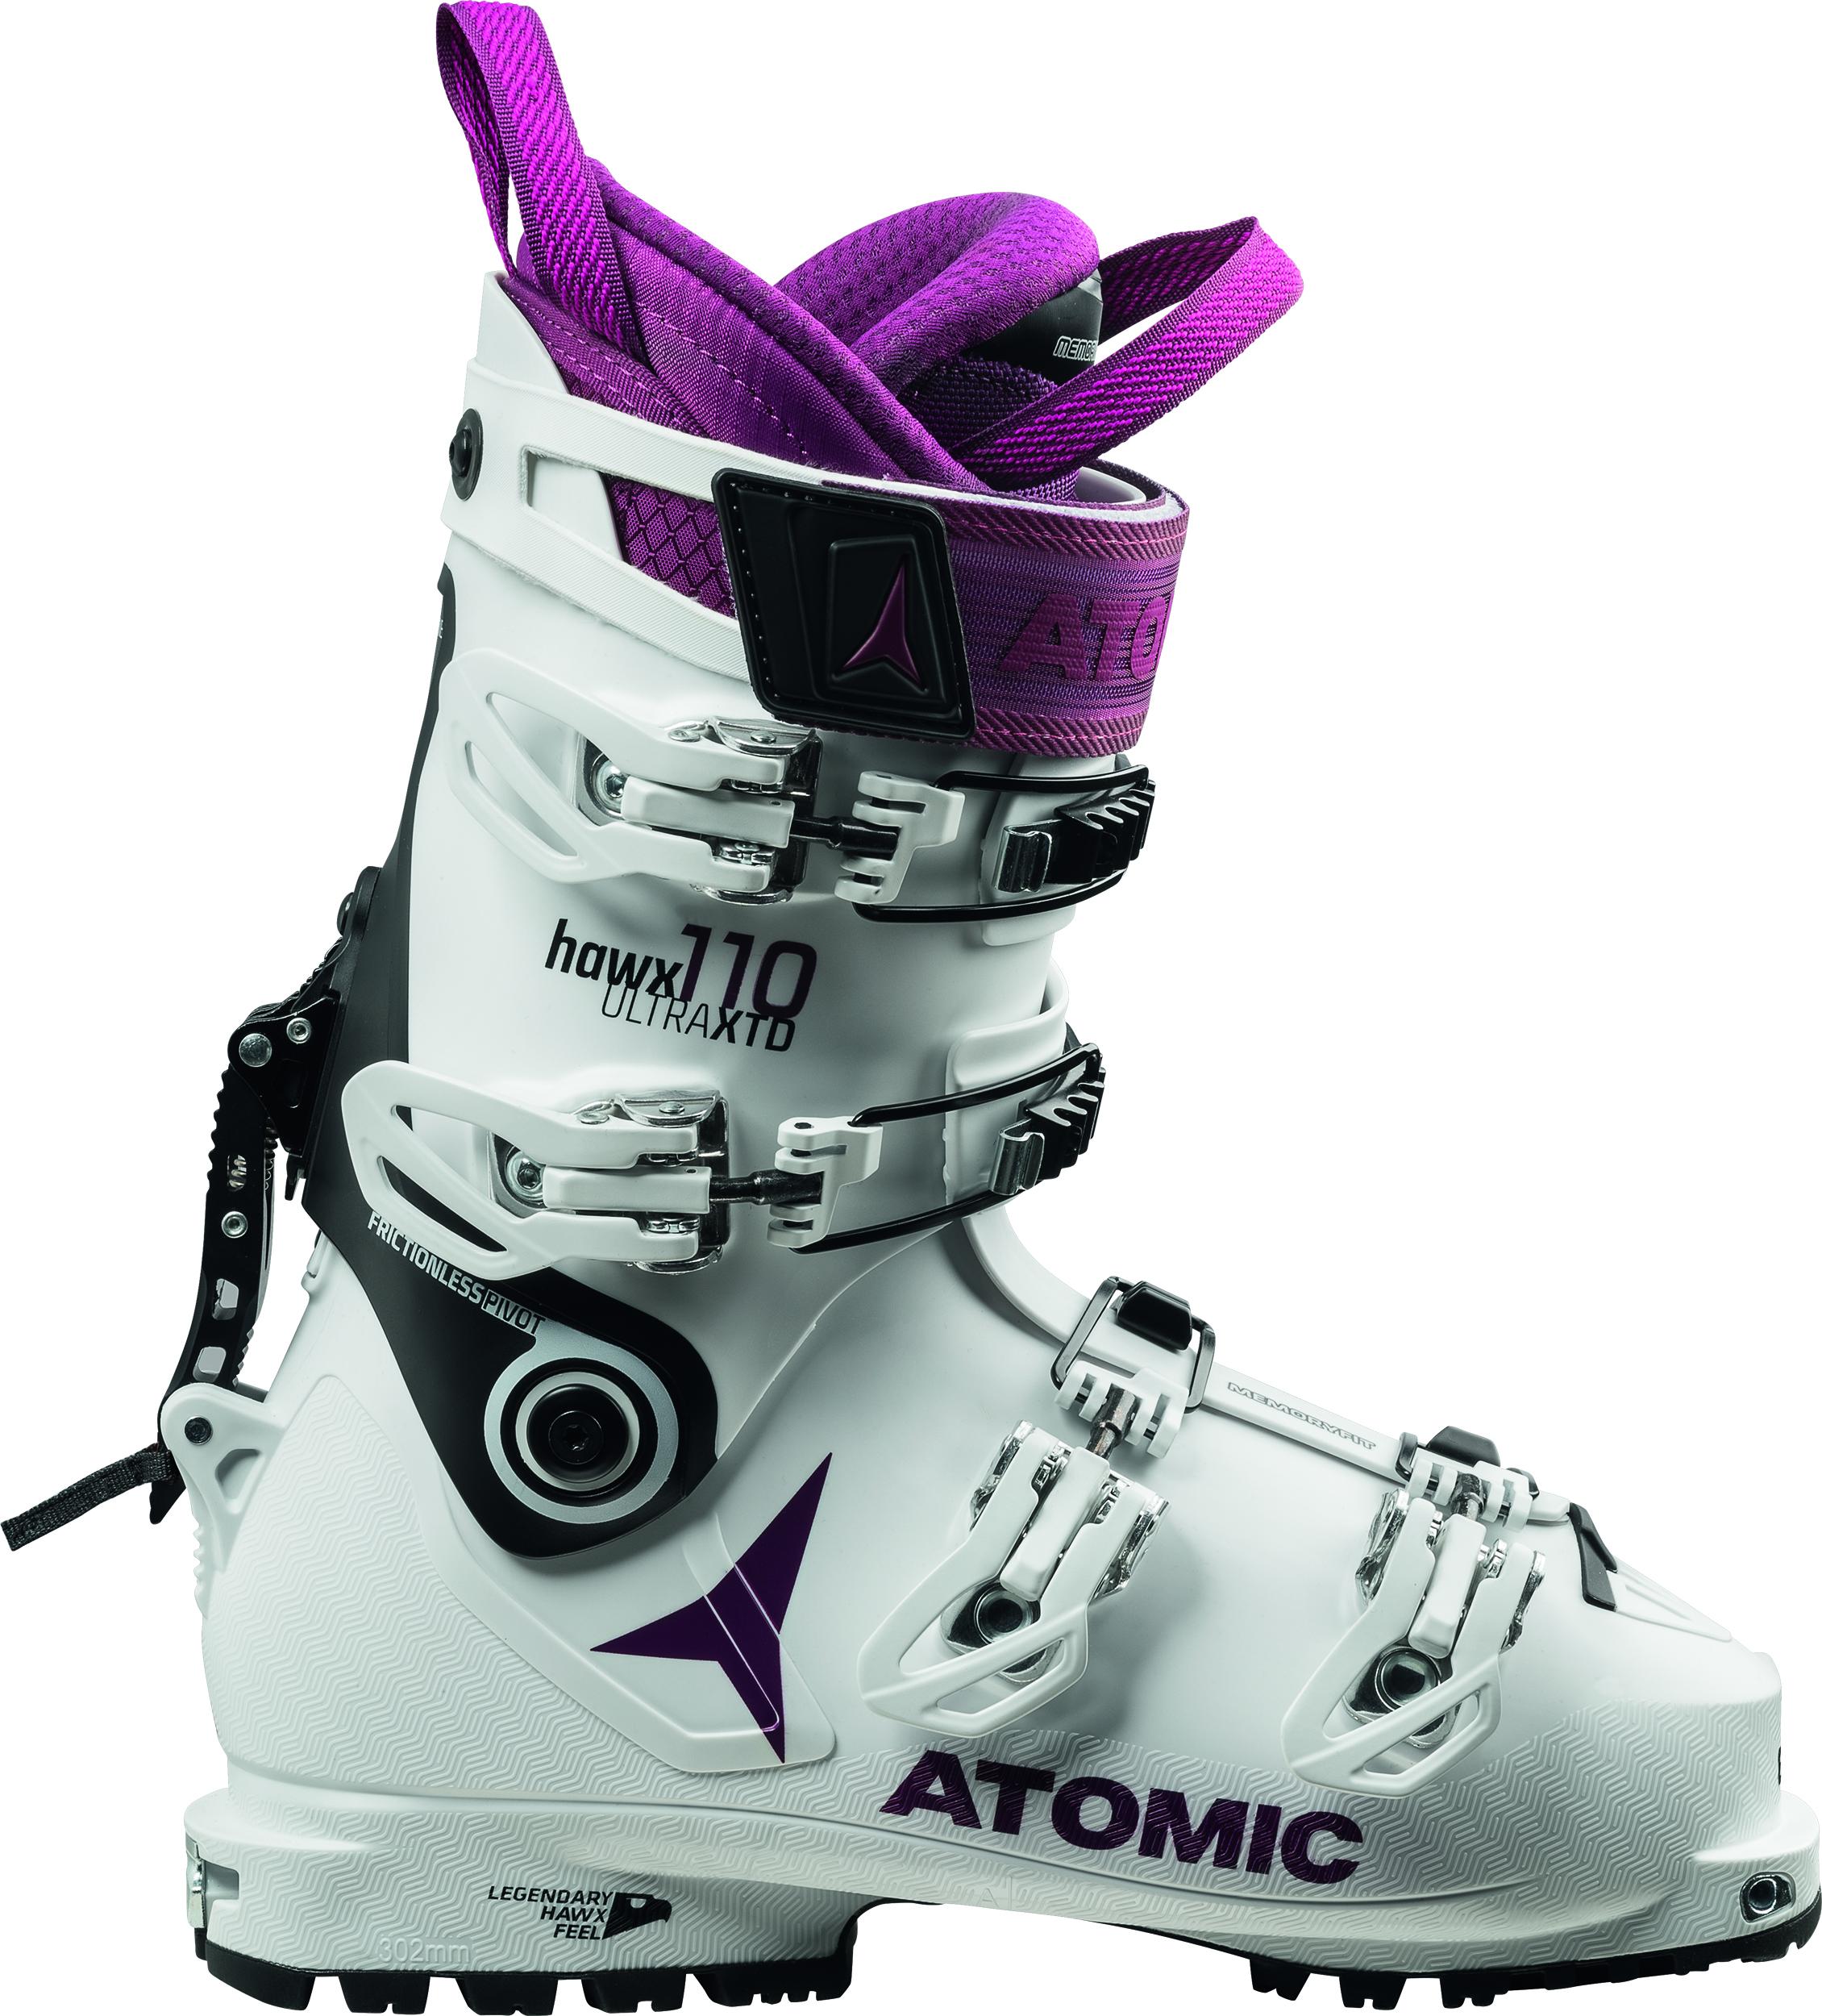 new concept 778a0 de9a2 Atomic Hawx Ultra XTD 110 Ski Boots - Women's